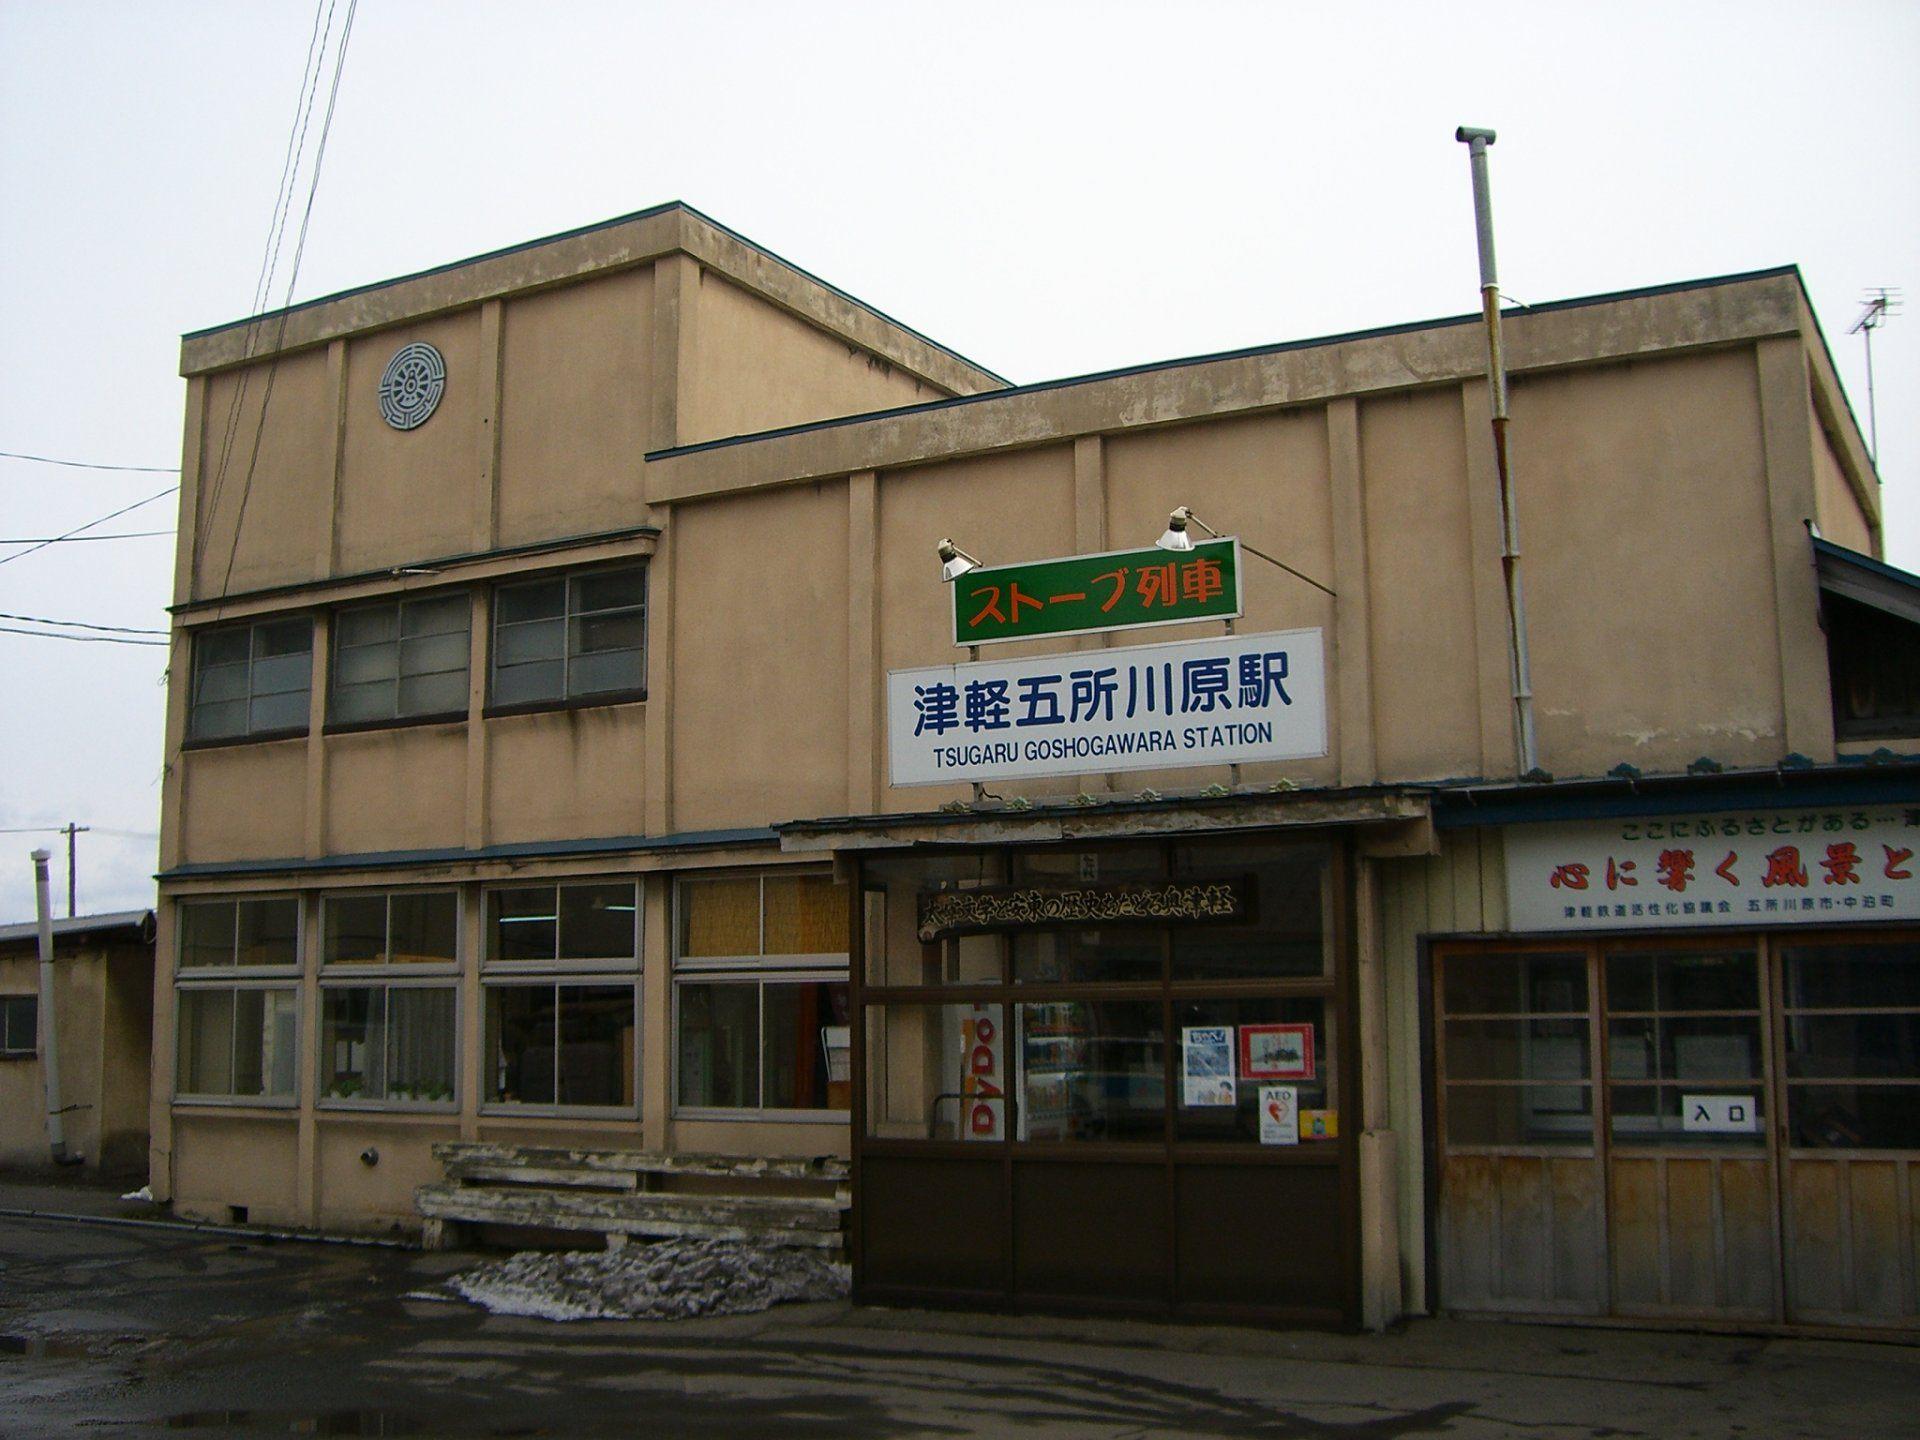 可以搭乘津輕鐵道的津輕五所川原車站